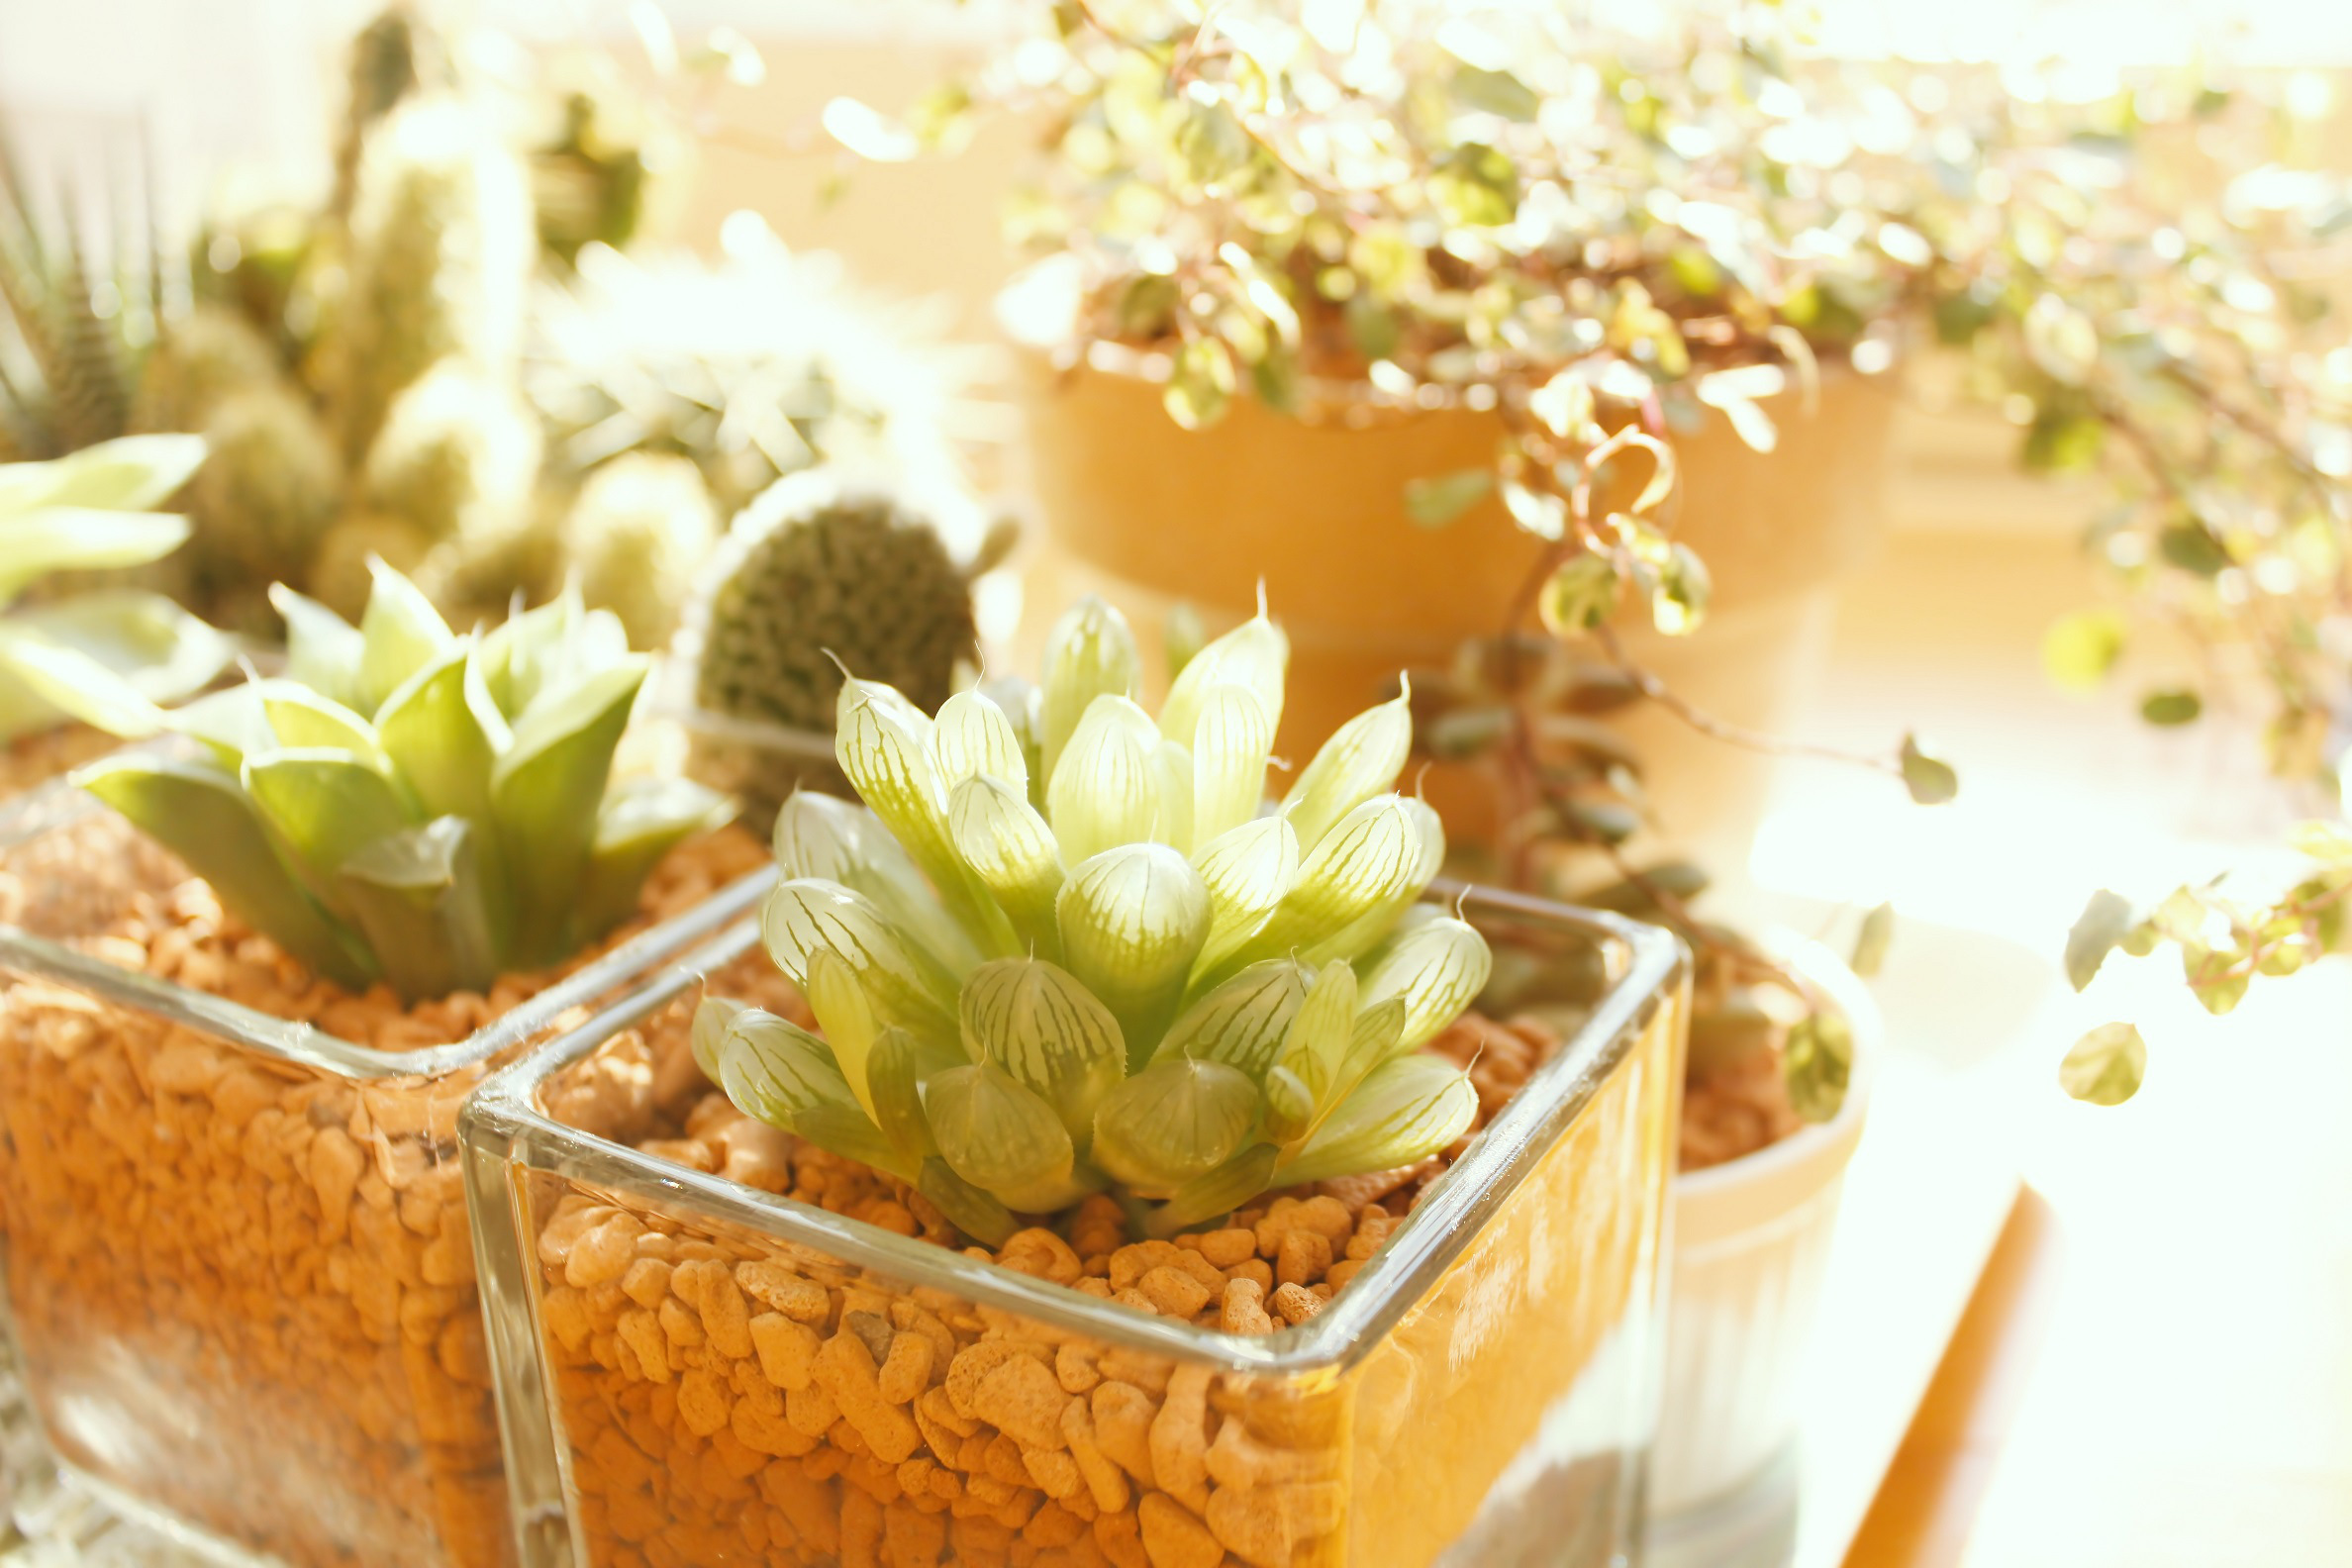 植物で日々の疲れも解消!初めてでも植物を元気に育てる方法。のサムネイル画像